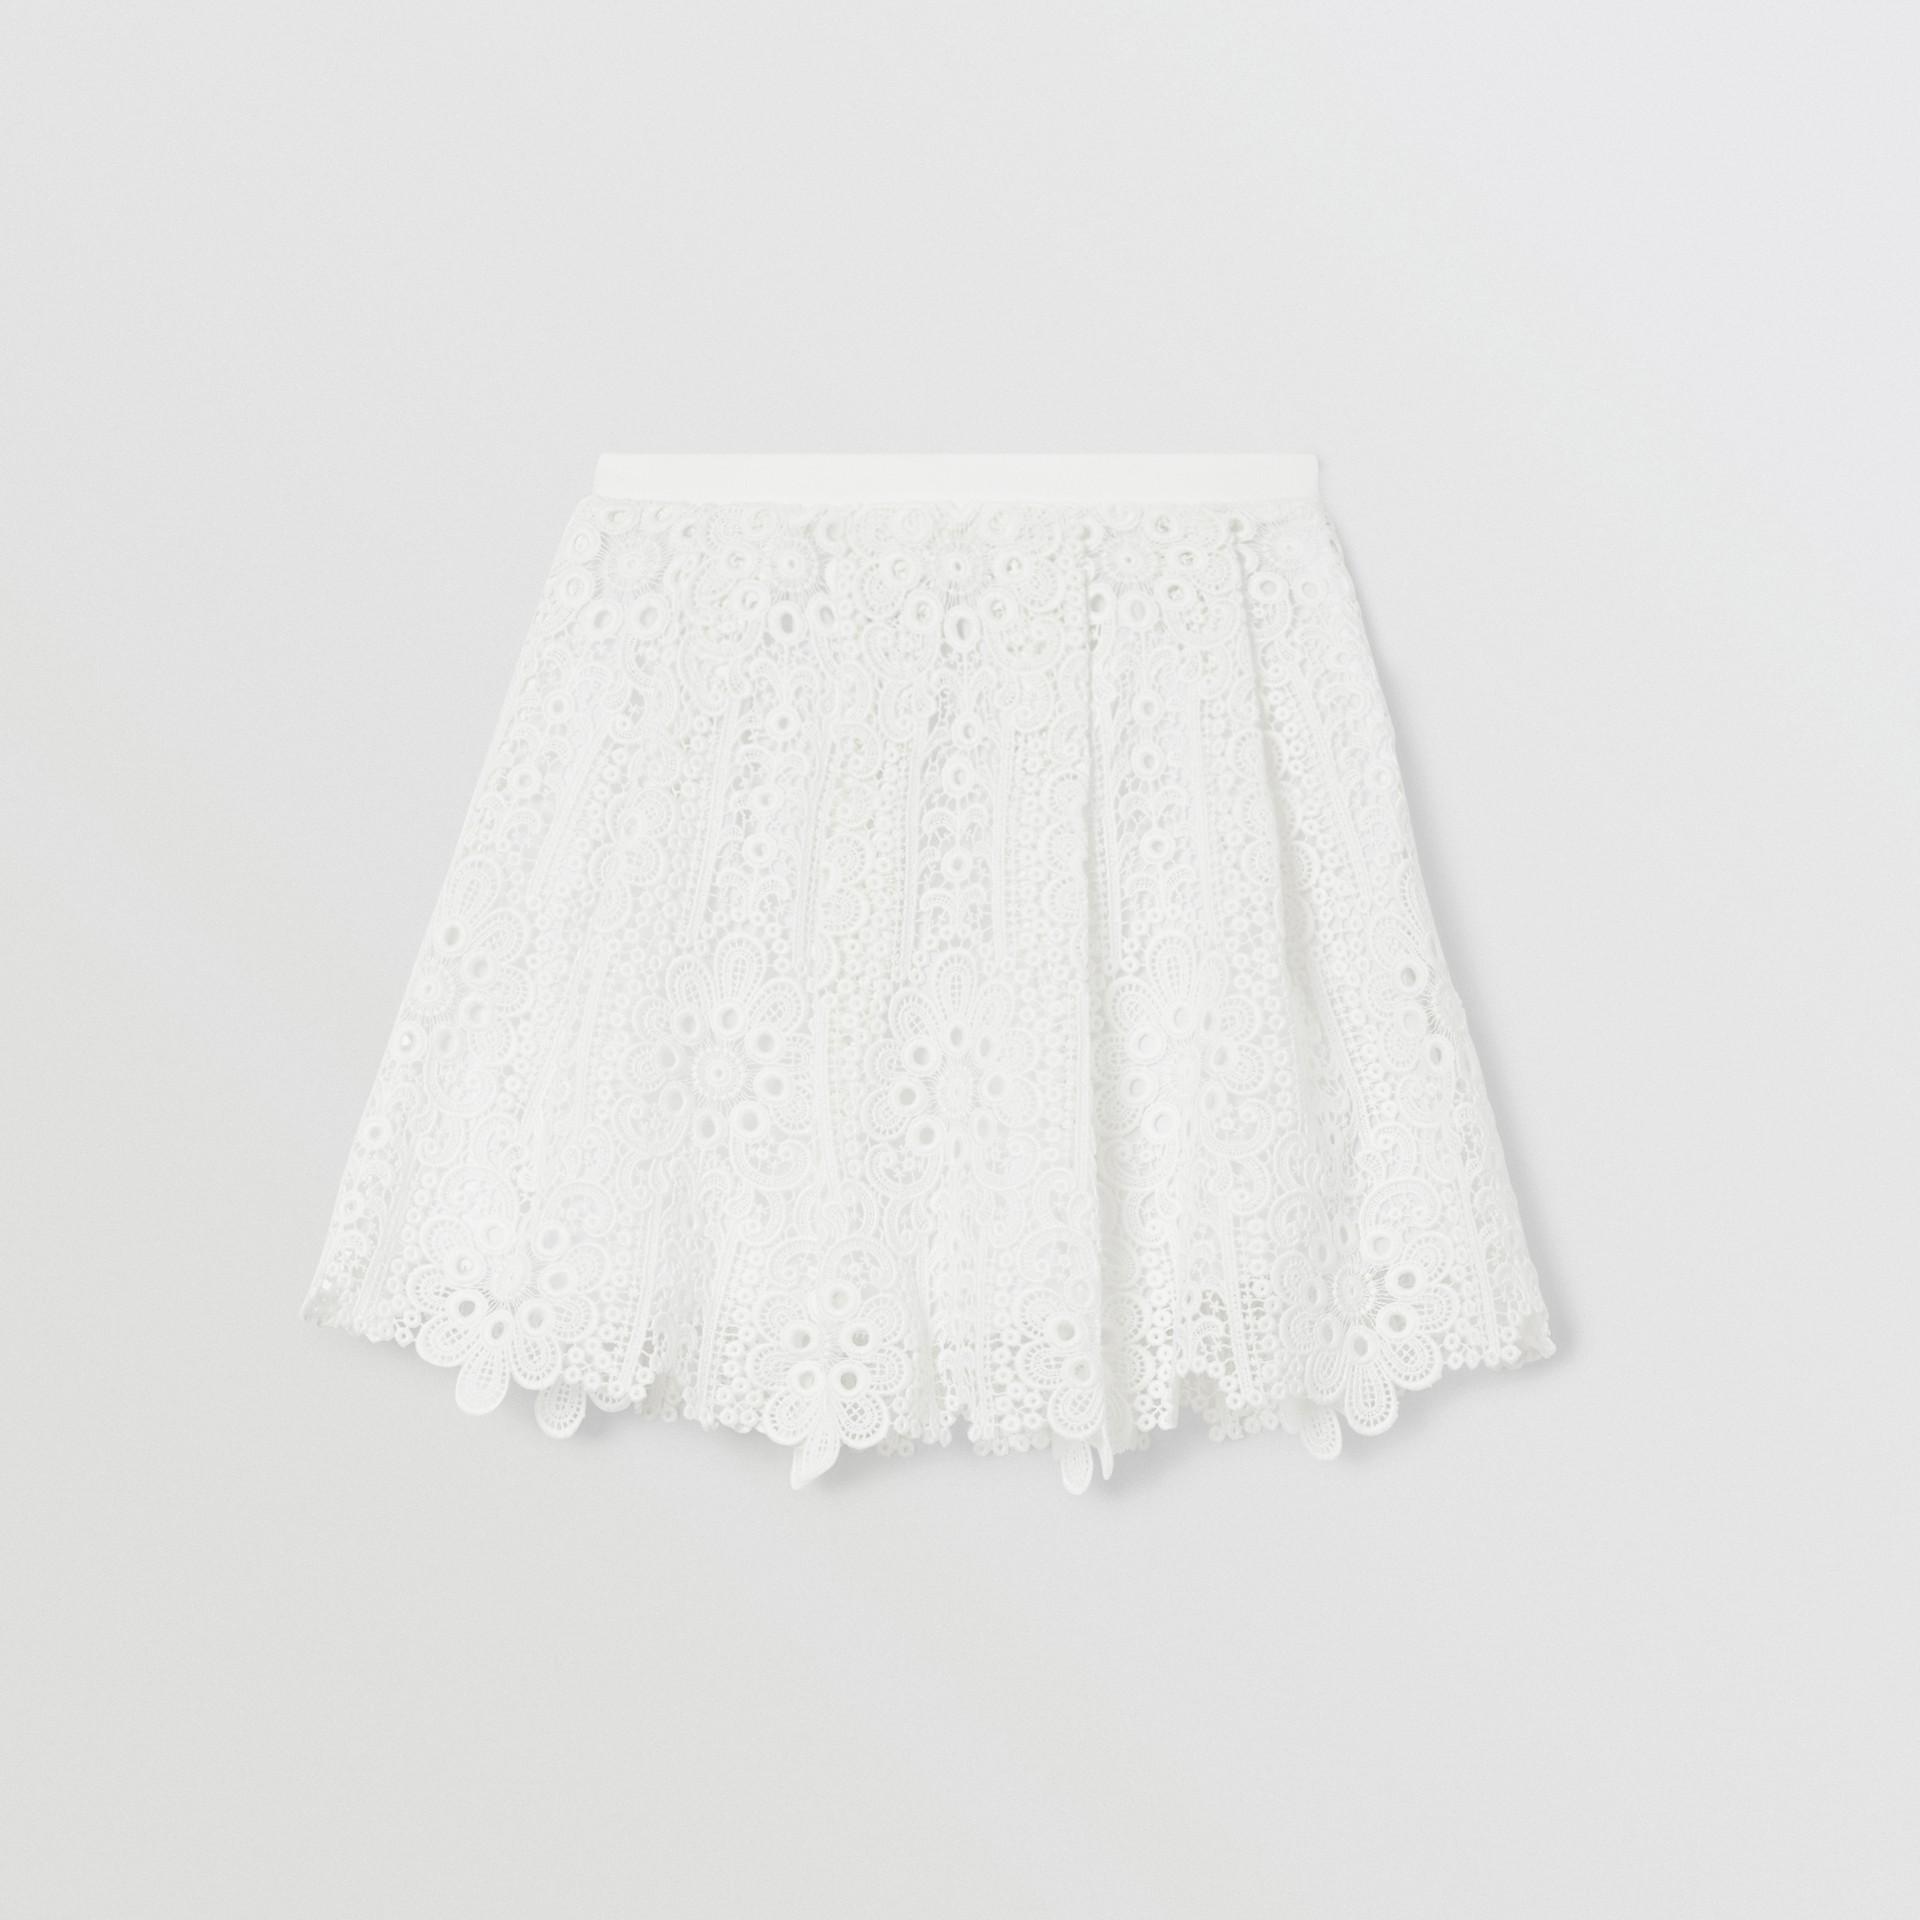 プリーツ マクラメレース スカート (ホワイト) | バーバリー - ギャラリーイメージ 0